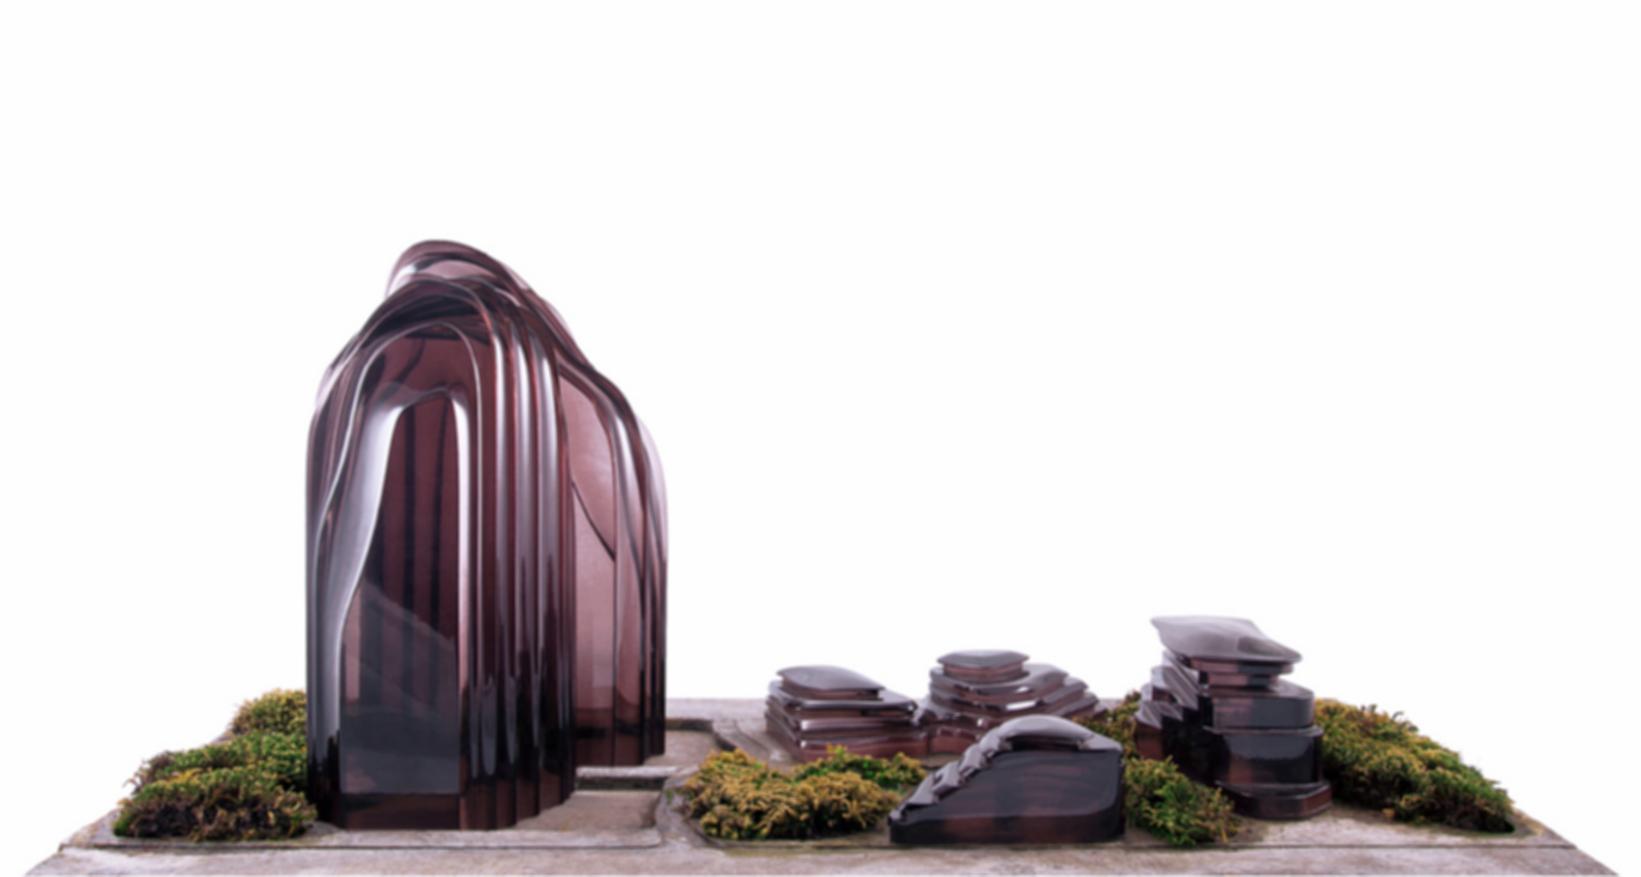 Chaoyang Park Plaza - Model